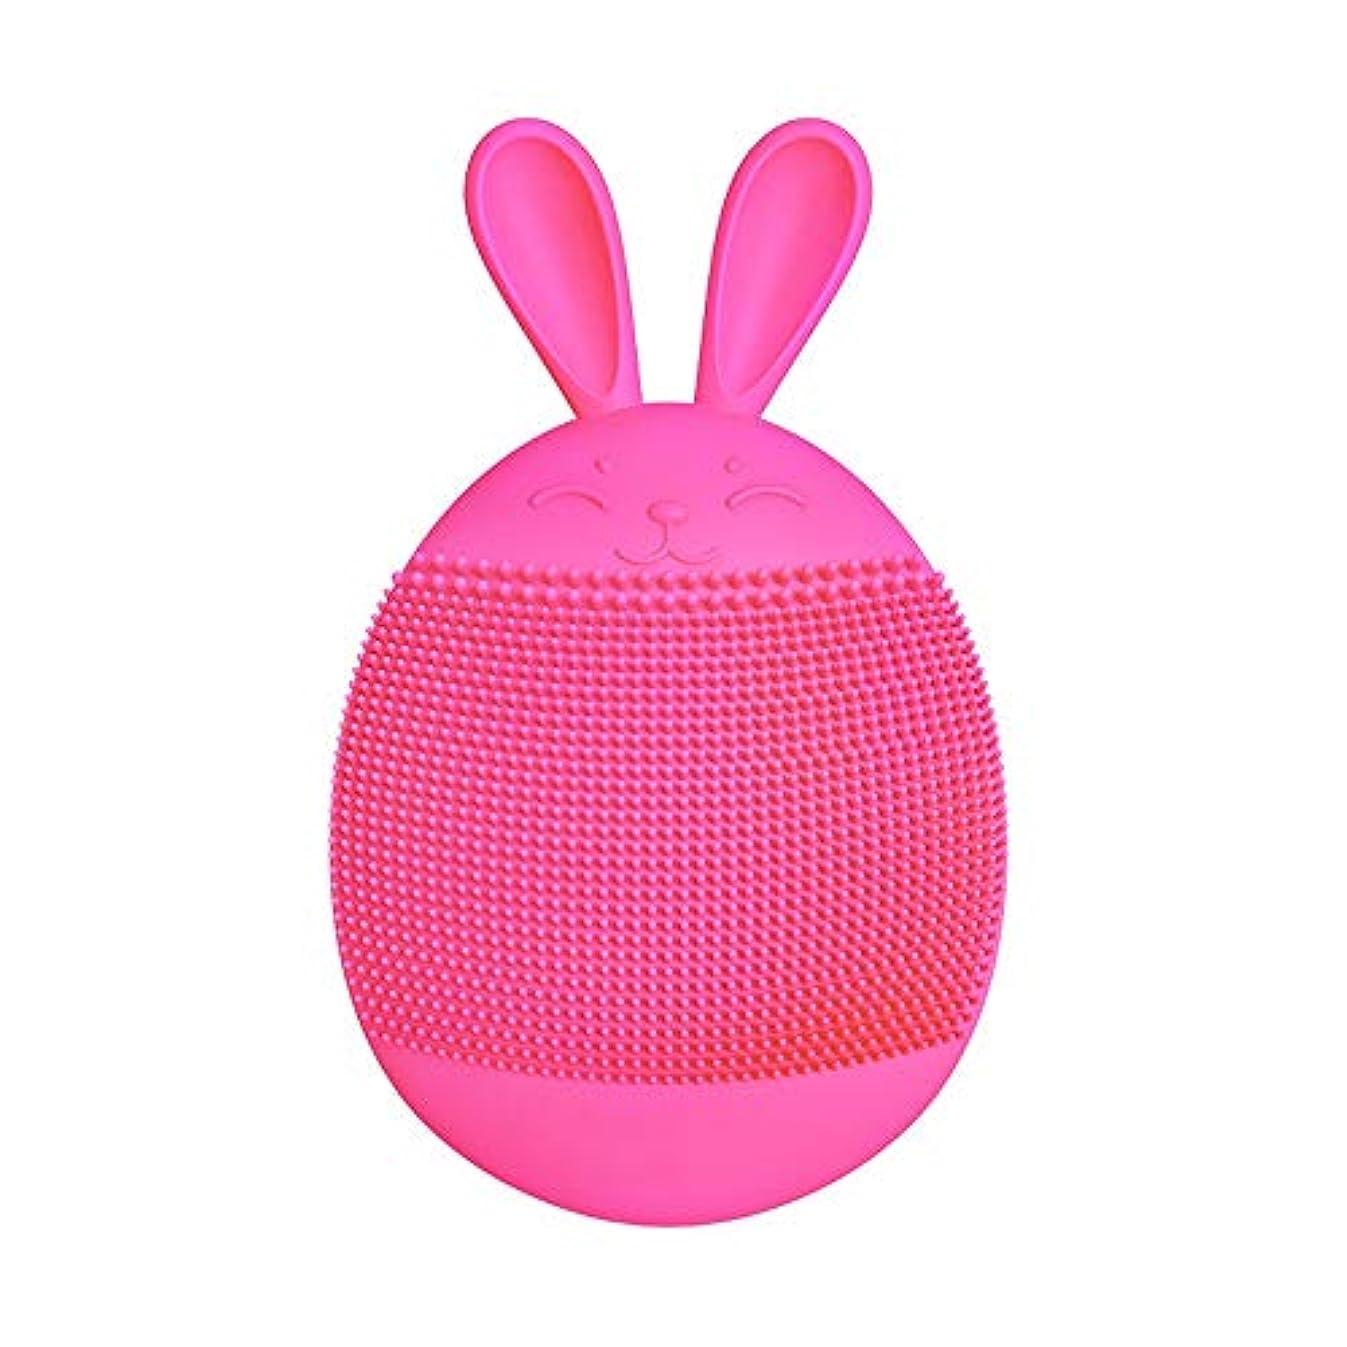 高度フォームトランスミッションZXF 超音波電動シリコーン洗顔器ポア洗顔洗顔ピンクレッド 滑らかである (色 : Red)